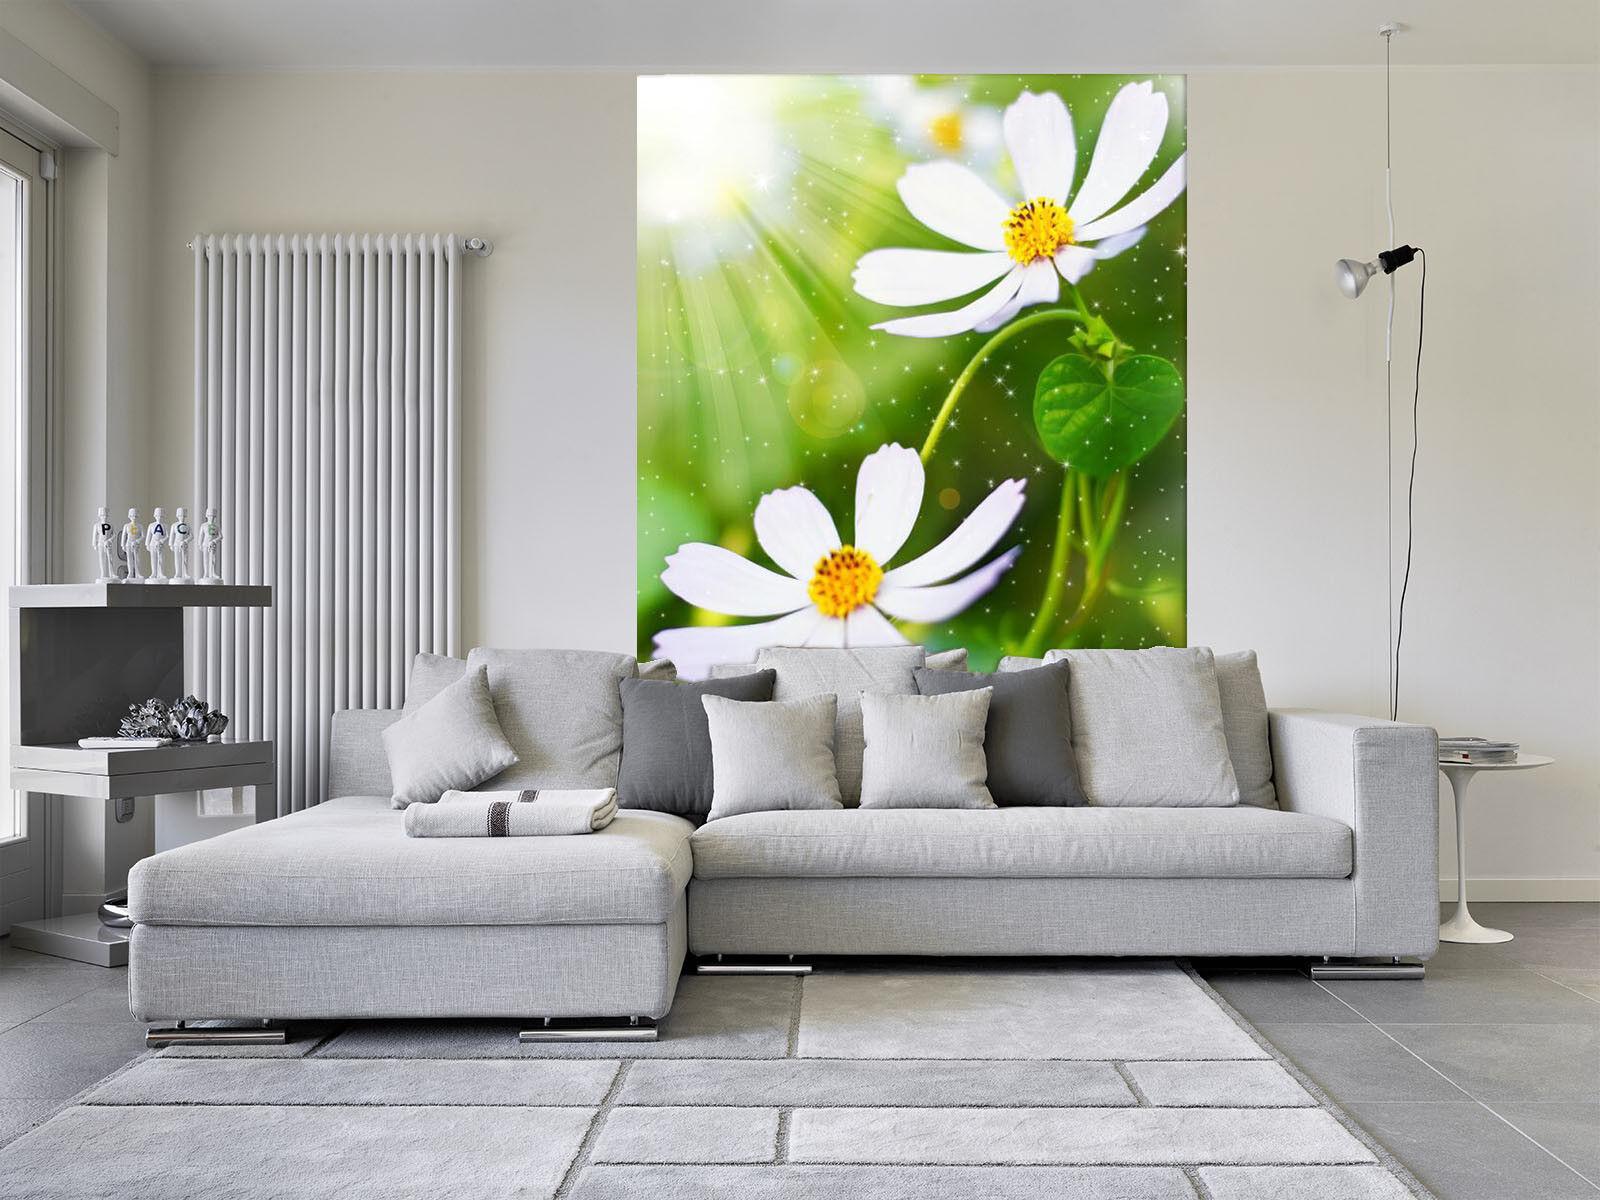 3D Sonnenschein Blumen 98 Tapete Wandgemälde Tapete Tapeten Bild Familie DE Kyra